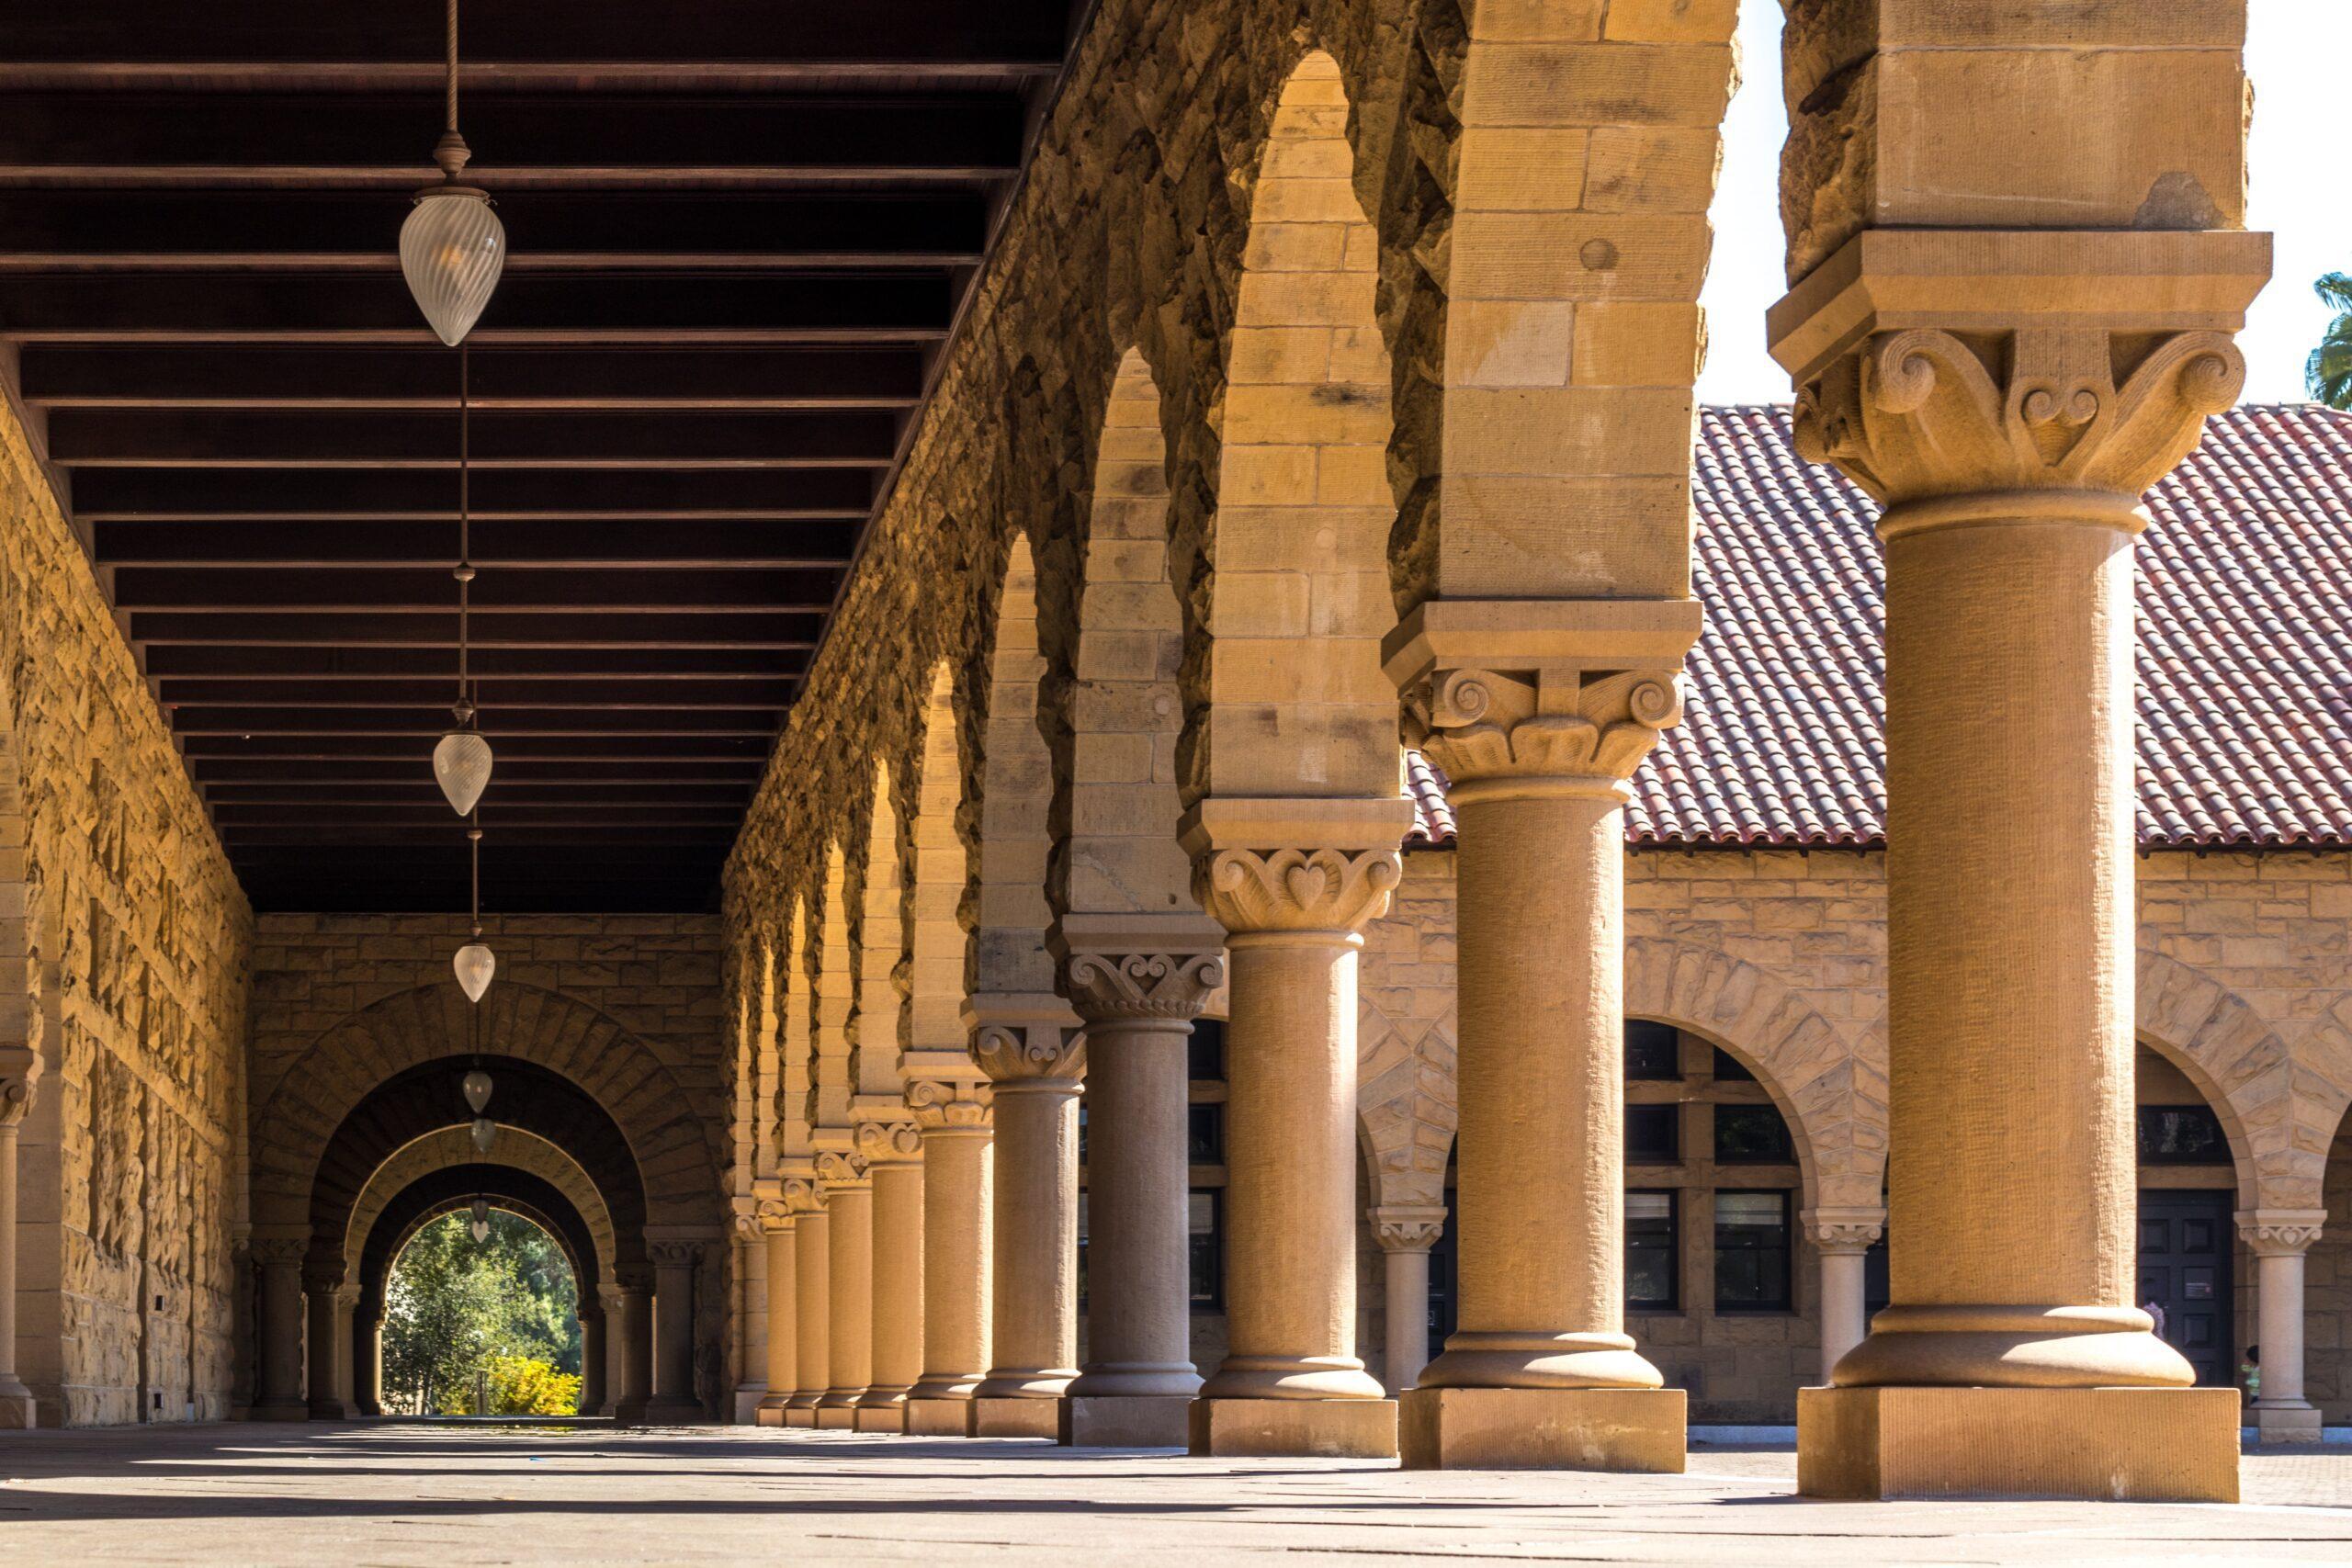 jason-leung-Stanford Arches-unsplash